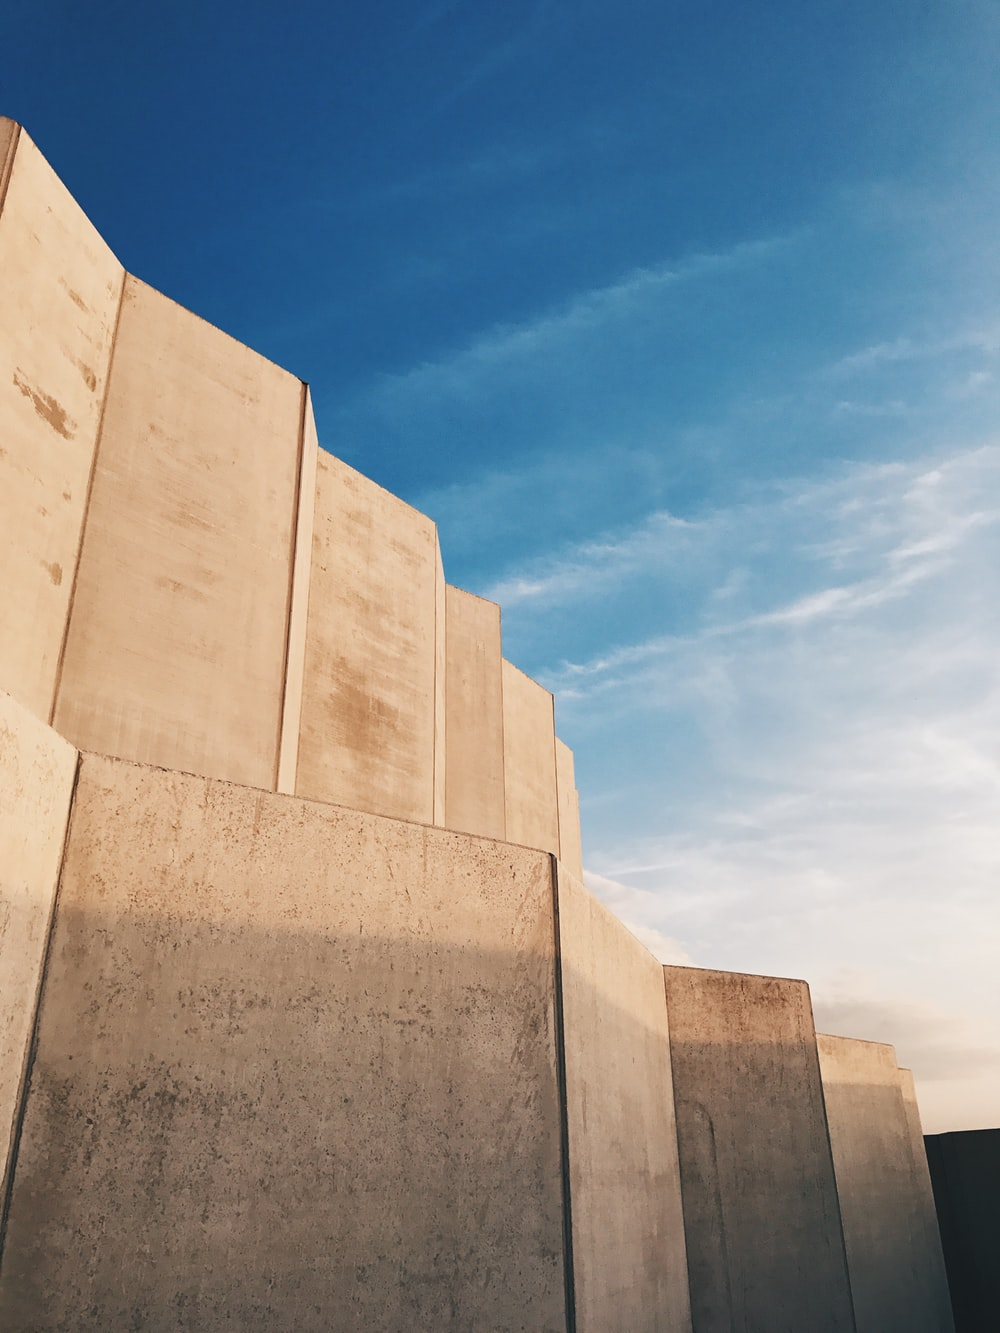 brown concrete wall